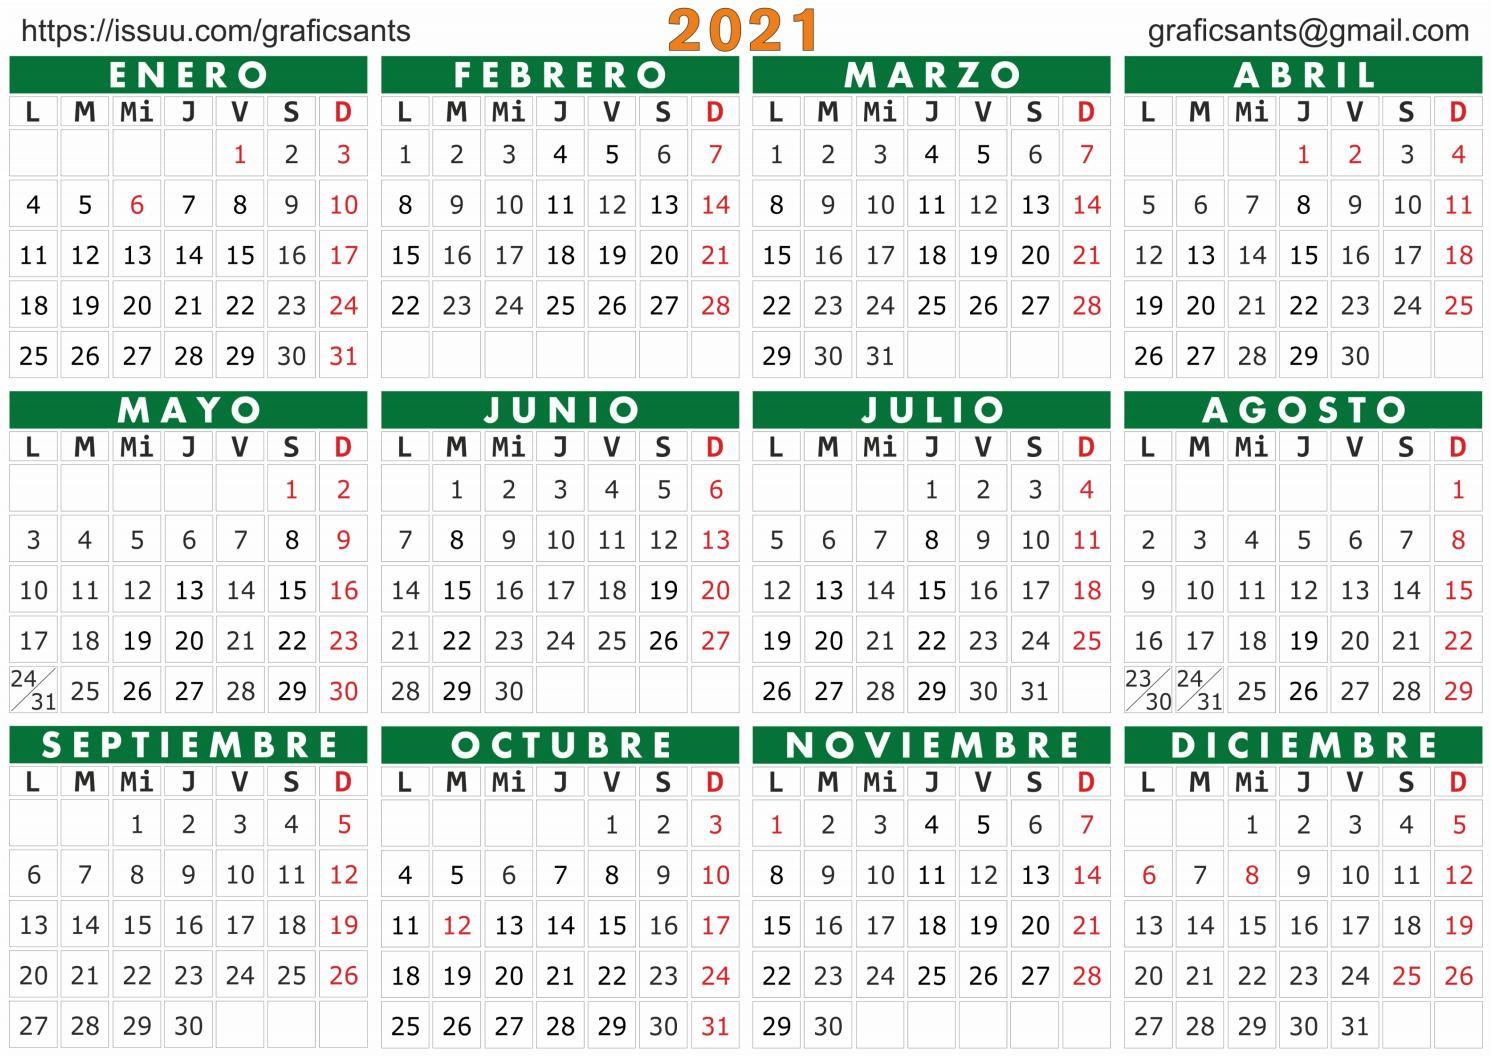 2021 Calendario Castellanograficsants - Issuu